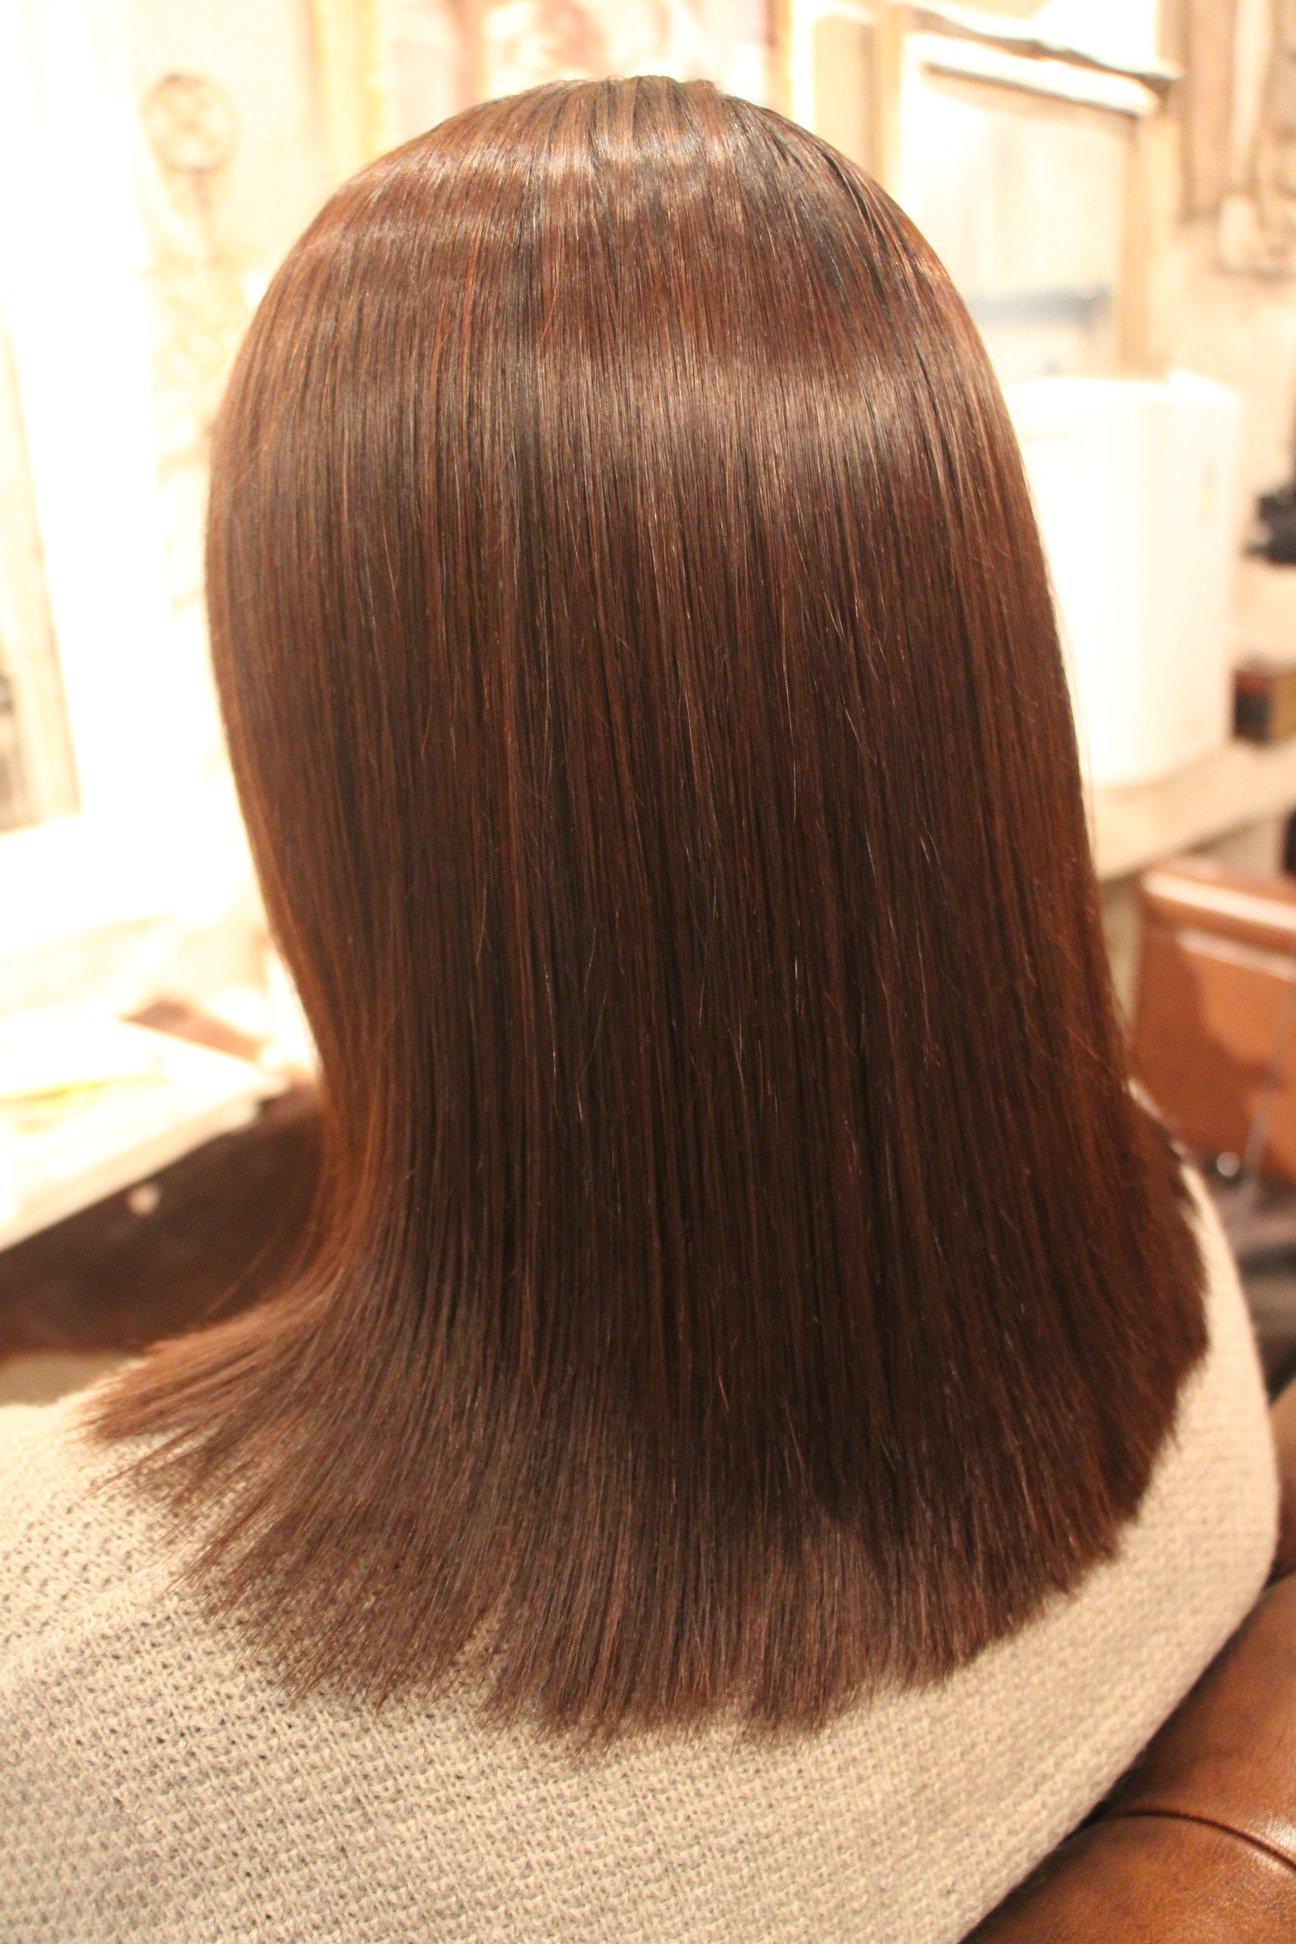 縮毛矯正のリスクを考える。_b0210688_23173693.jpg